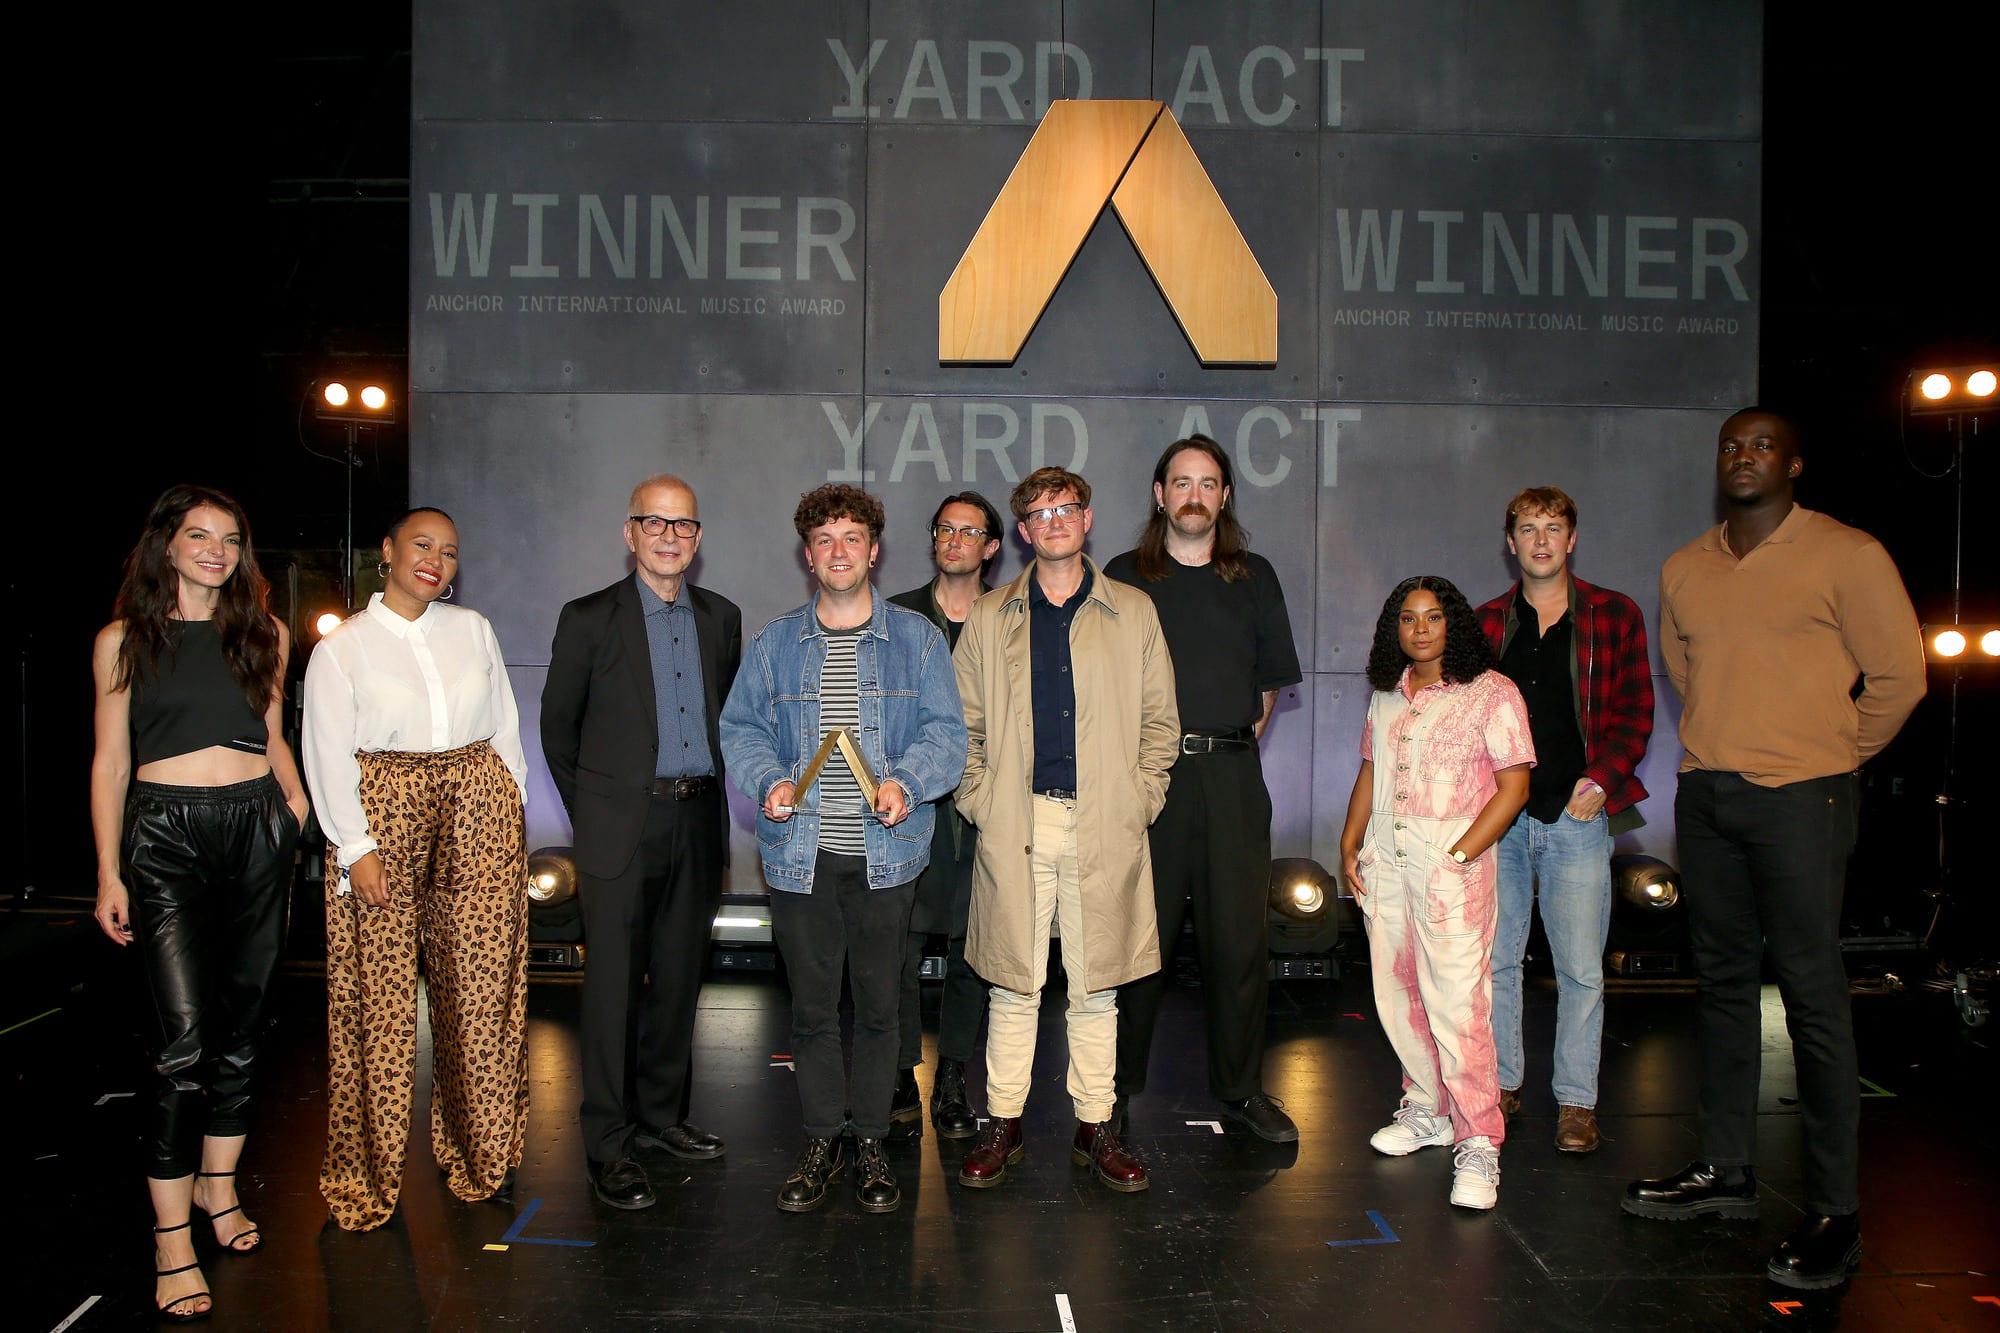 Anchor Award Show 2021 Yard Act Alternative